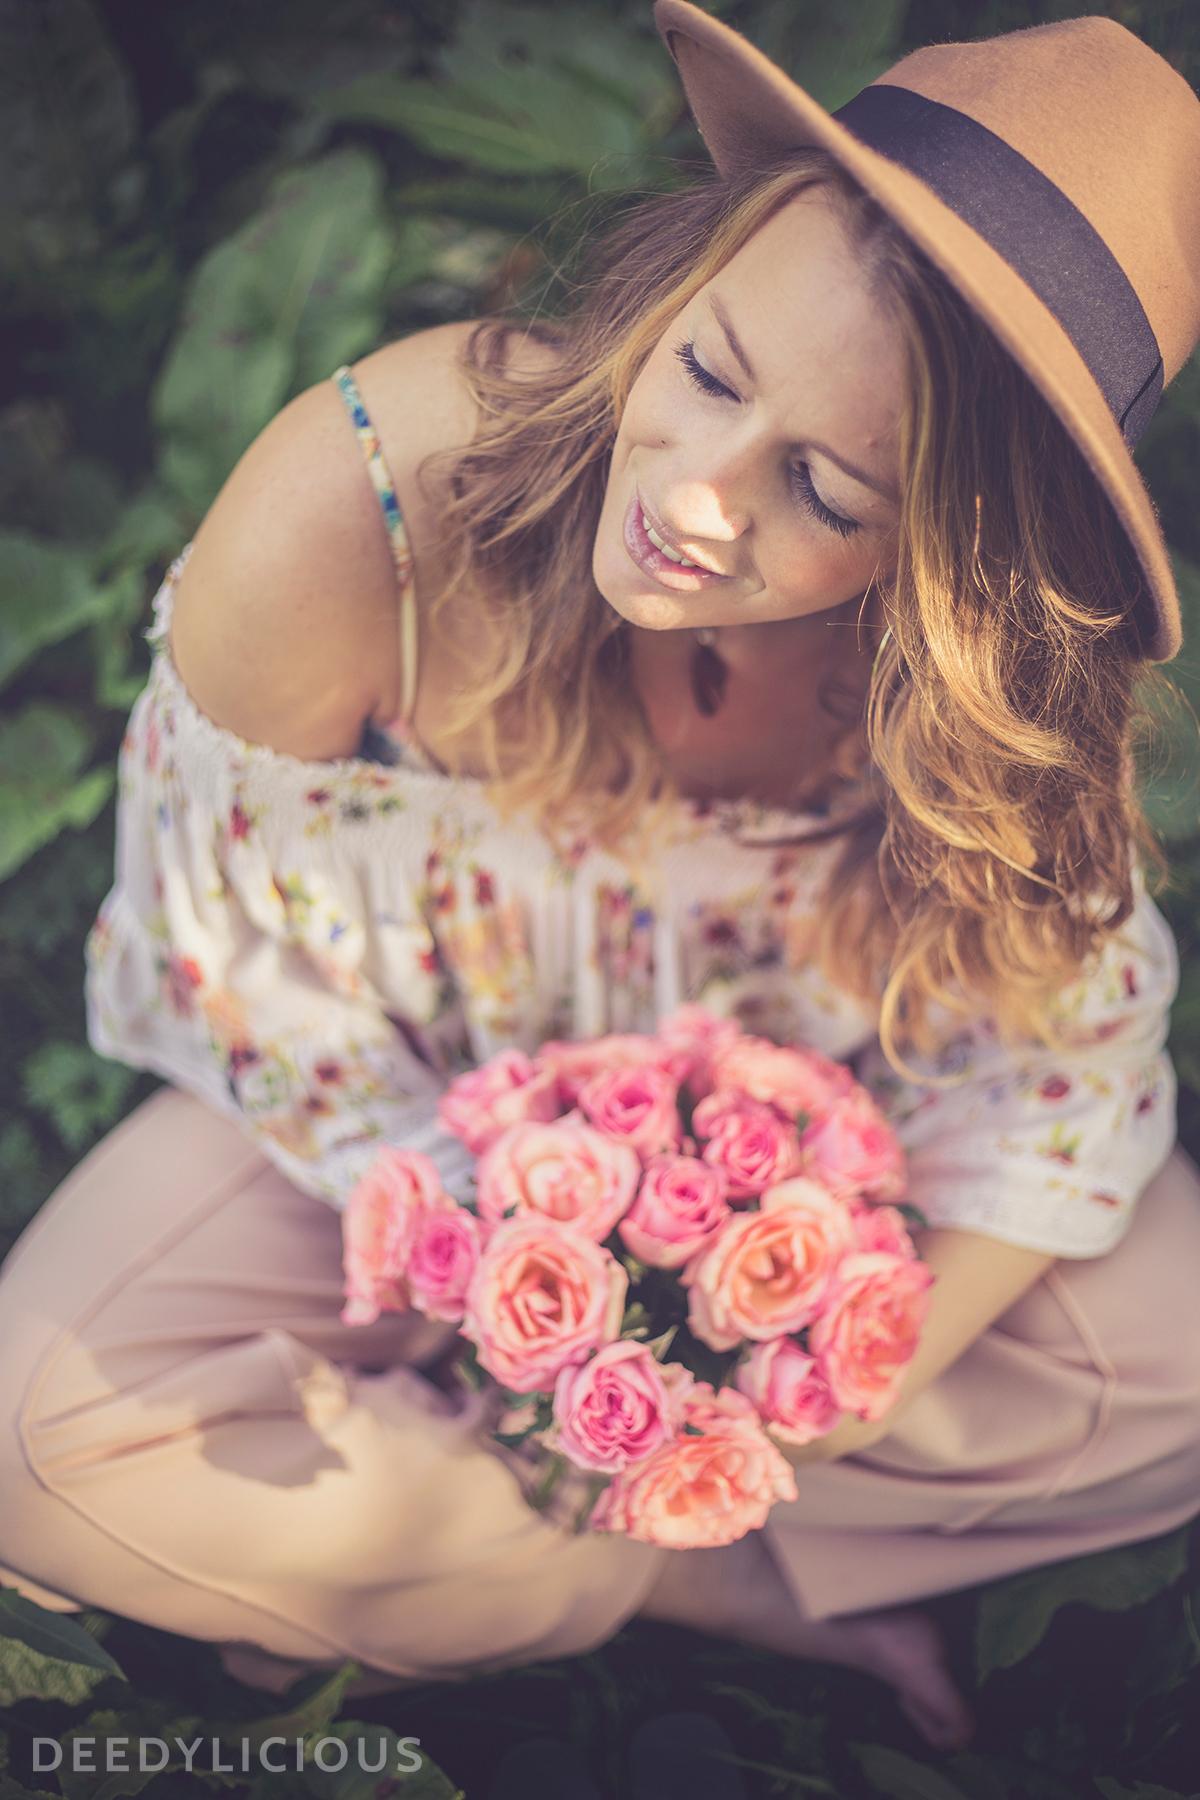 Portretfotografie DeedyLicious | www.deedylicious.nl